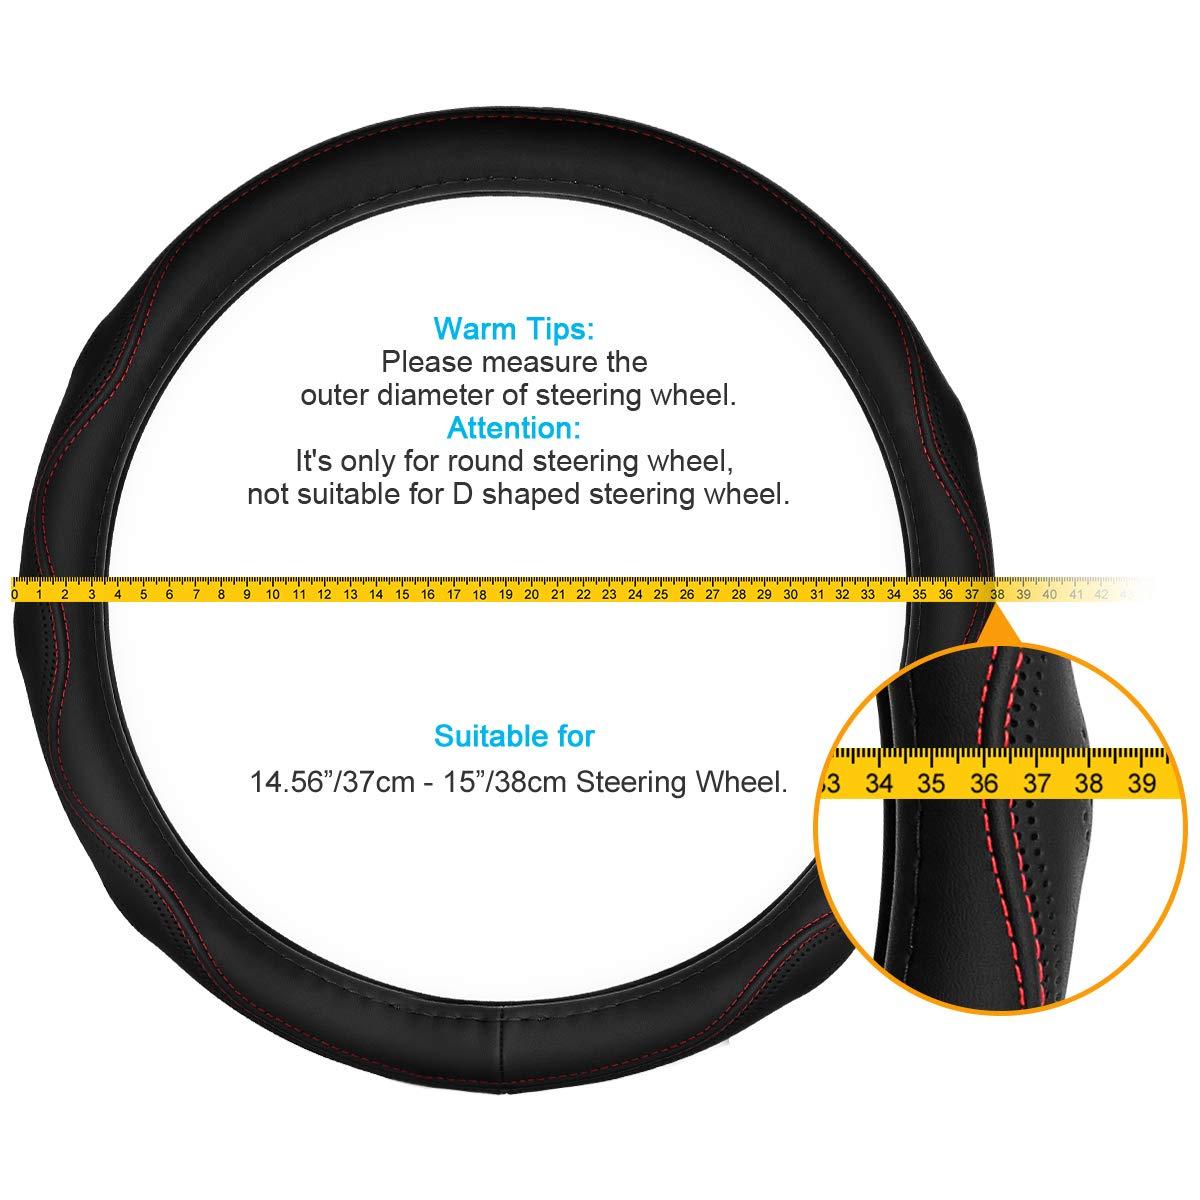 ELZO Genuina dellautomobile Volante in Pelle Copertura Universale Coprivolante da 15 Pollici 38CM Traspirante Antiscivolo Auto Wheel Manica Protector